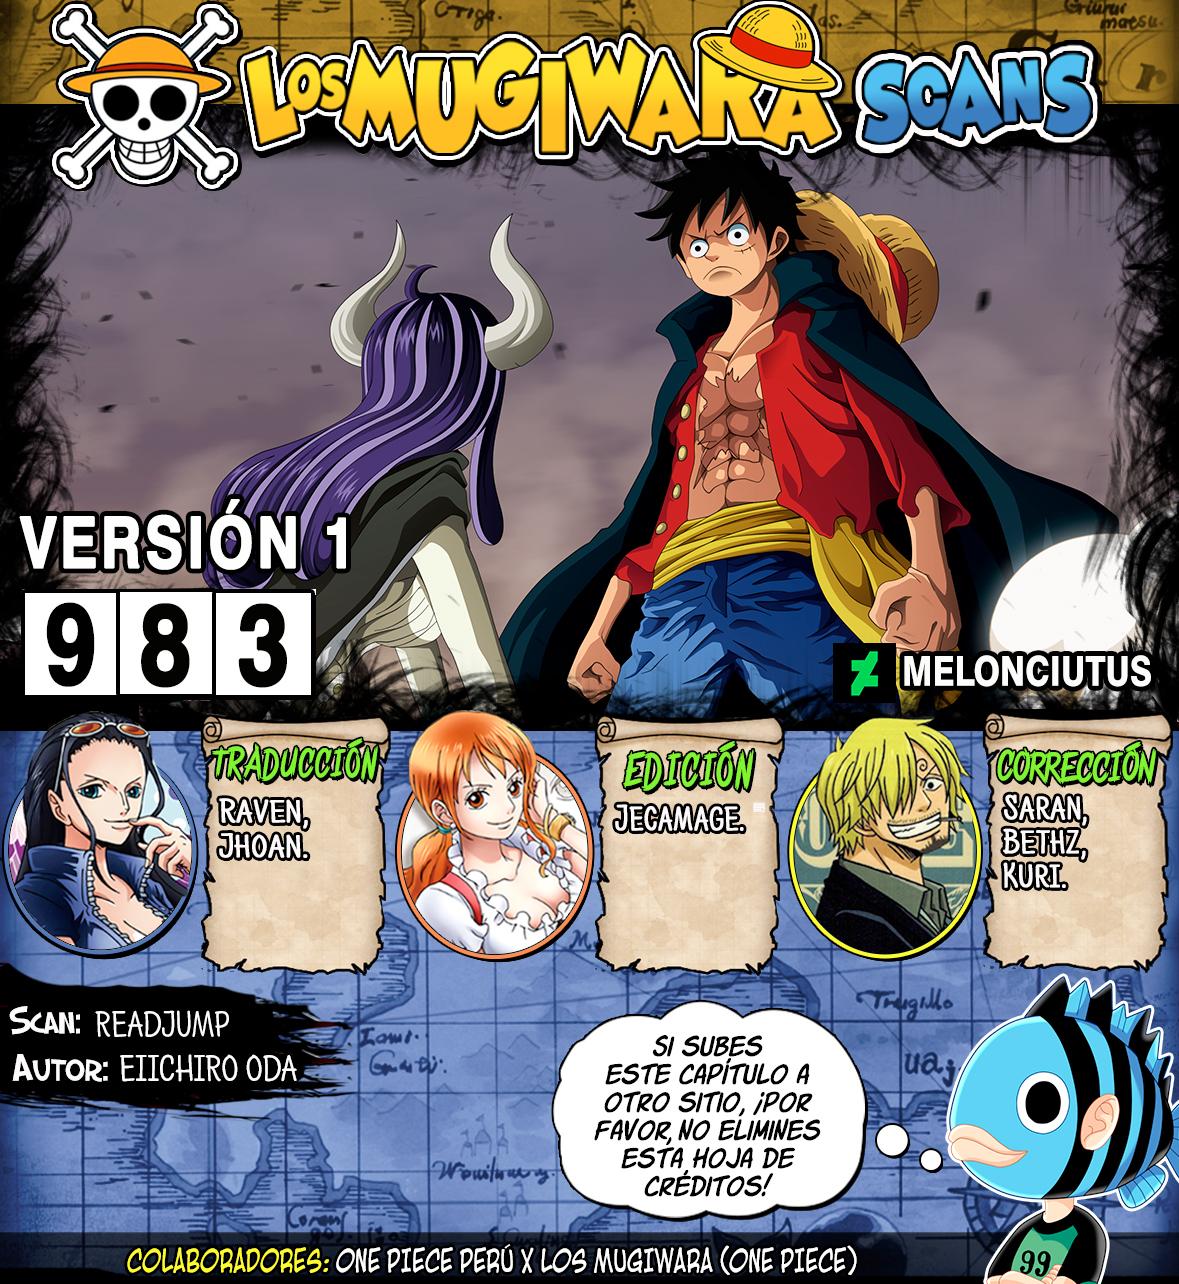 One Piece Manga 983 [Español] [Mugiwara Scans] 00